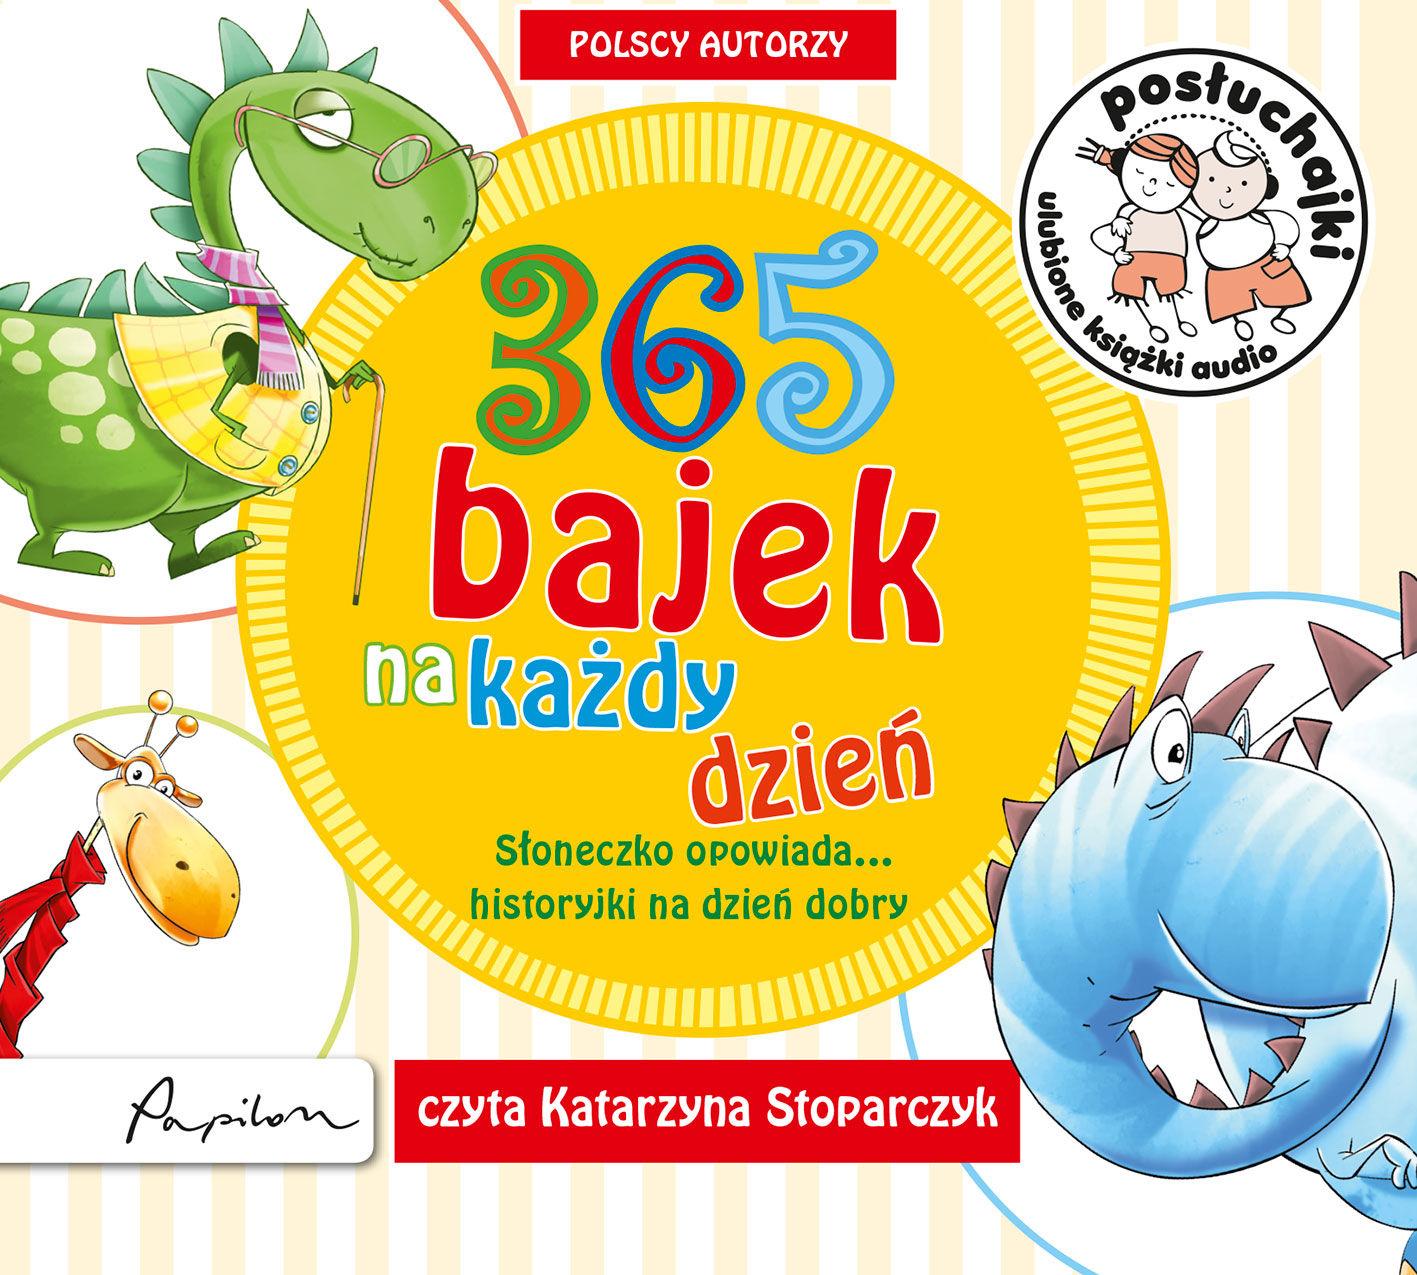 Posłuchajki. 365 bajek na każdy dzień. Słoneczko opowiada... historyjki na dzień dobry - autor zbiorowy - audiobook